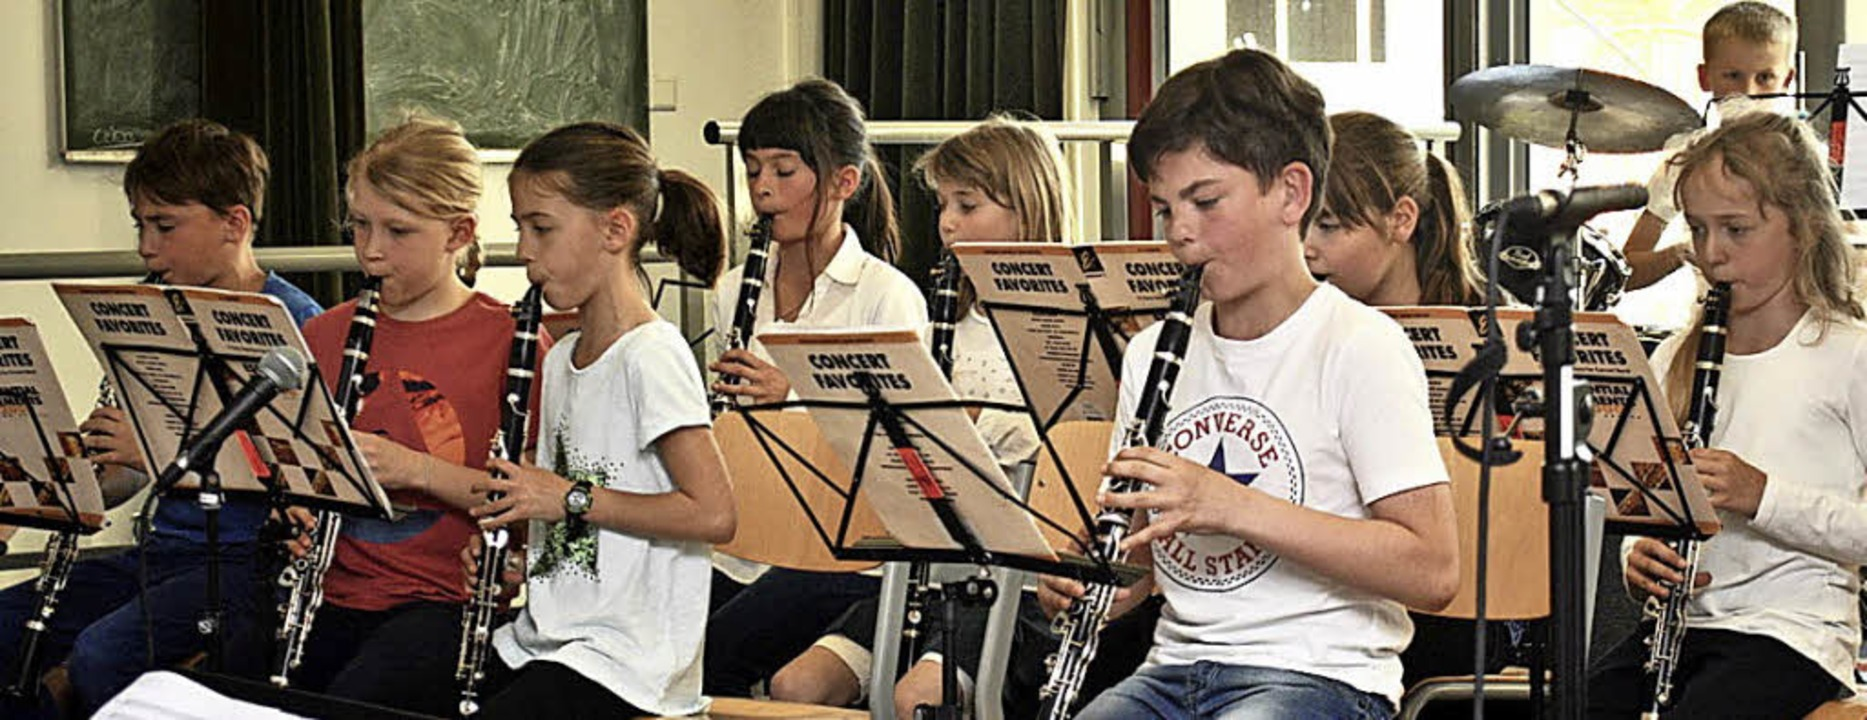 <BZ-FotoAnlauf>Johann-Heinrich-von-Lan...nlauf> Die 4. Bläserklasse  in Aktion   | Foto: Friederike Zimmermann